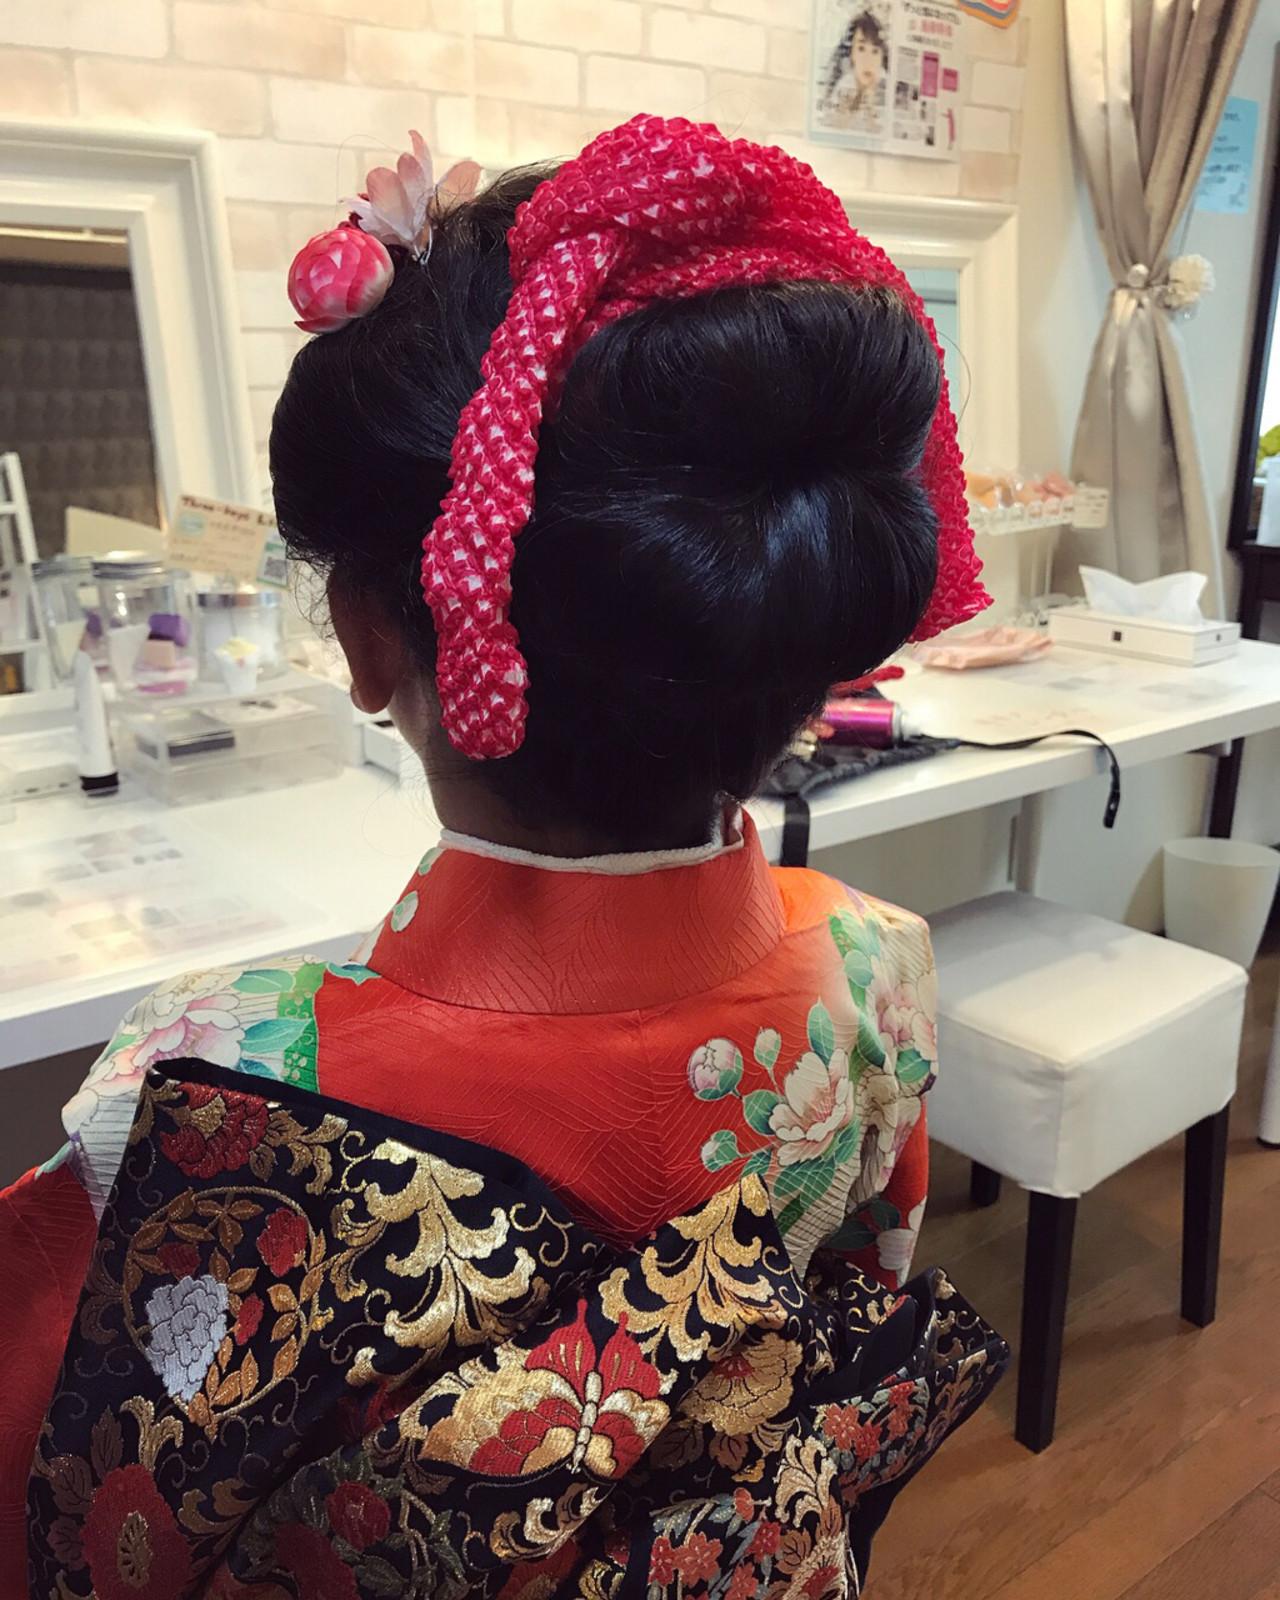 ヘアアレンジ 和服 ママ 着物 ヘアスタイルや髪型の写真・画像 | Moriyama Mami / 福岡天神ヘアセット・着付け専門店【Three-keys】